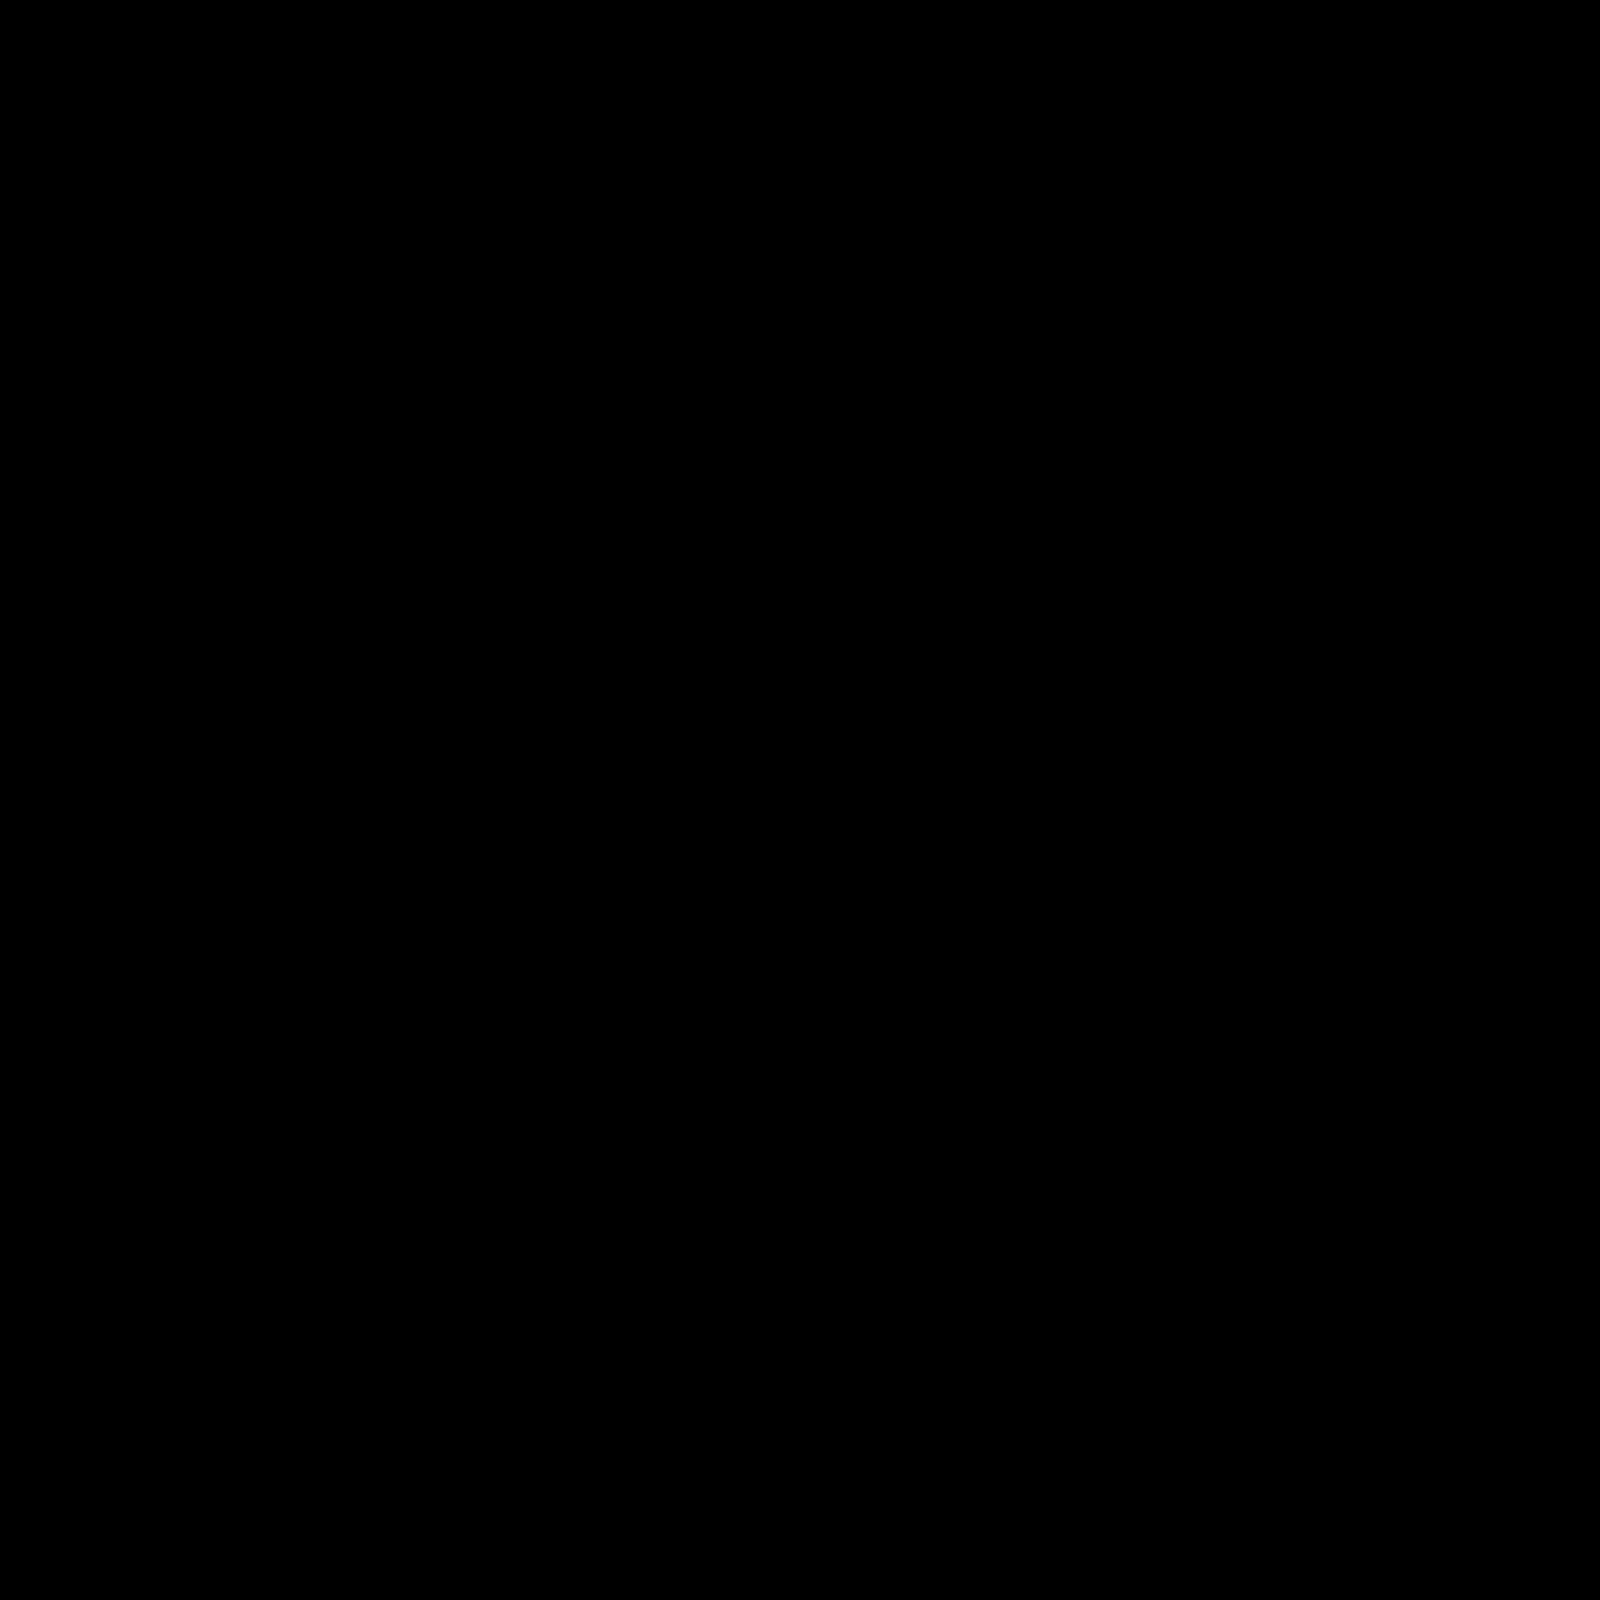 Circled 2 C icon